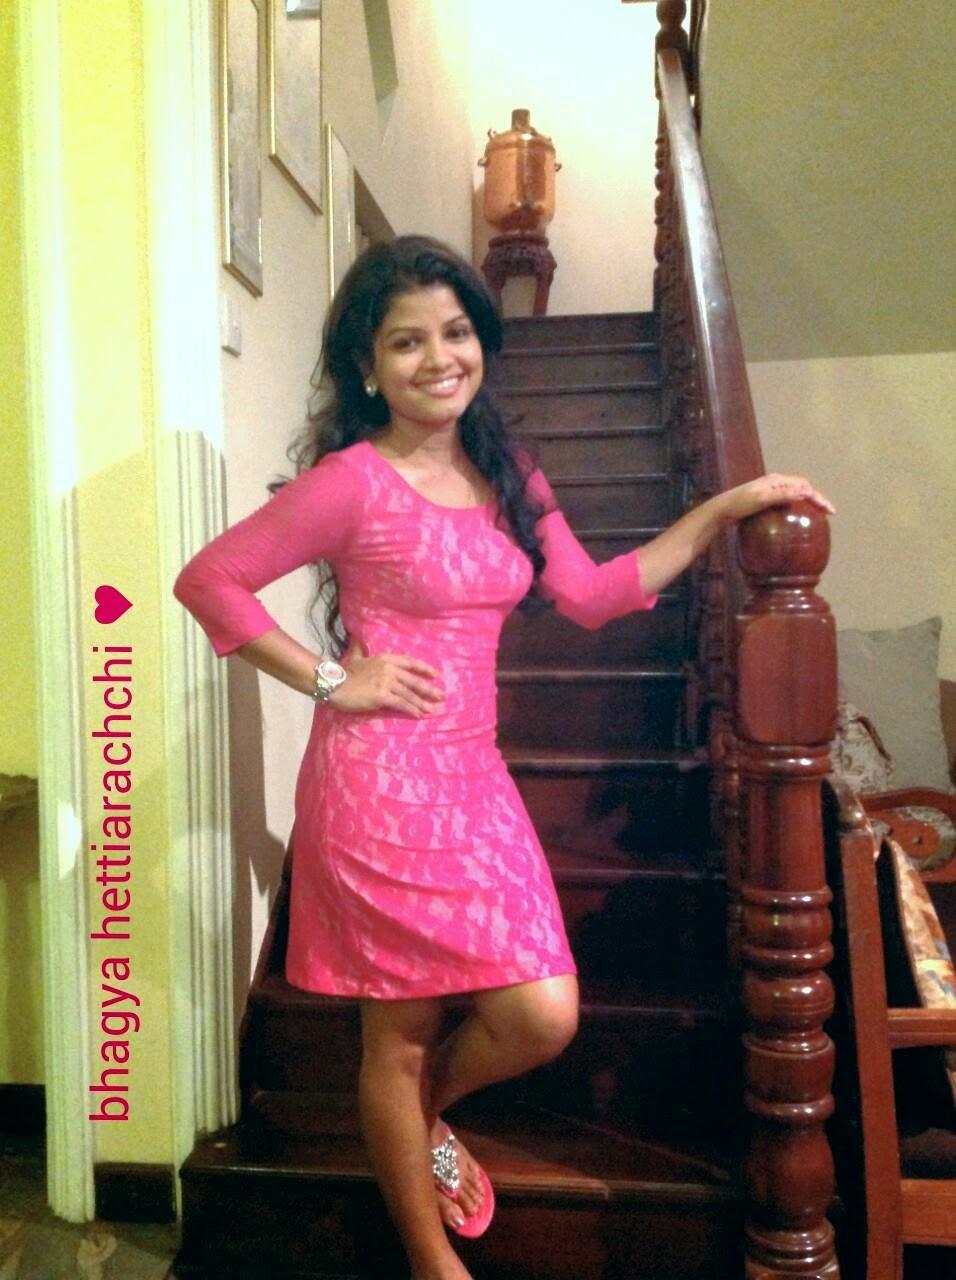 Bhagya Hettiarachchi pink